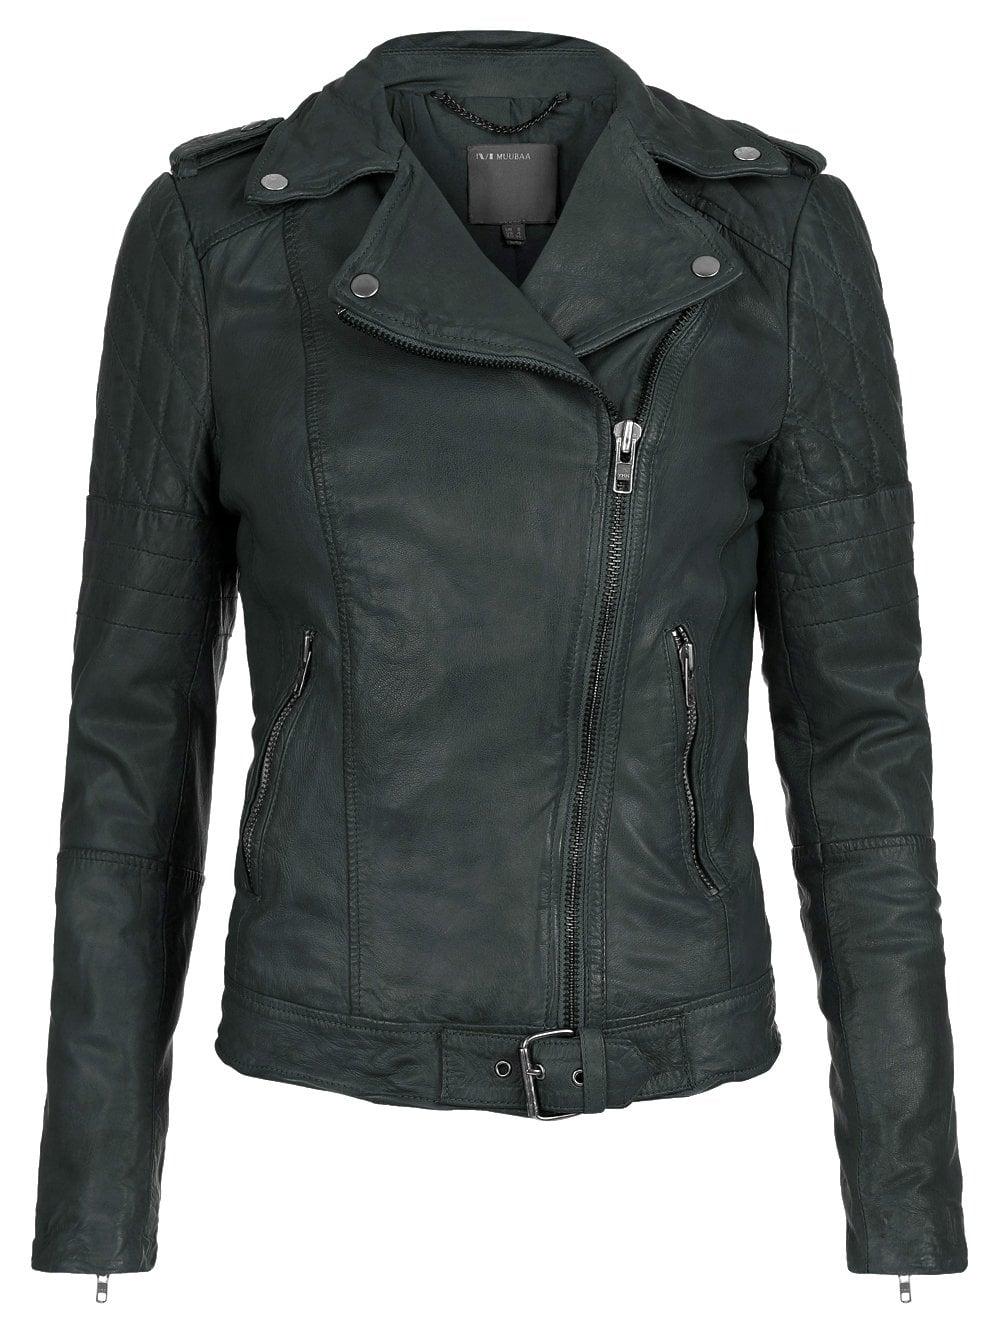 Muubaa Nido Green Leather Biker Jacket